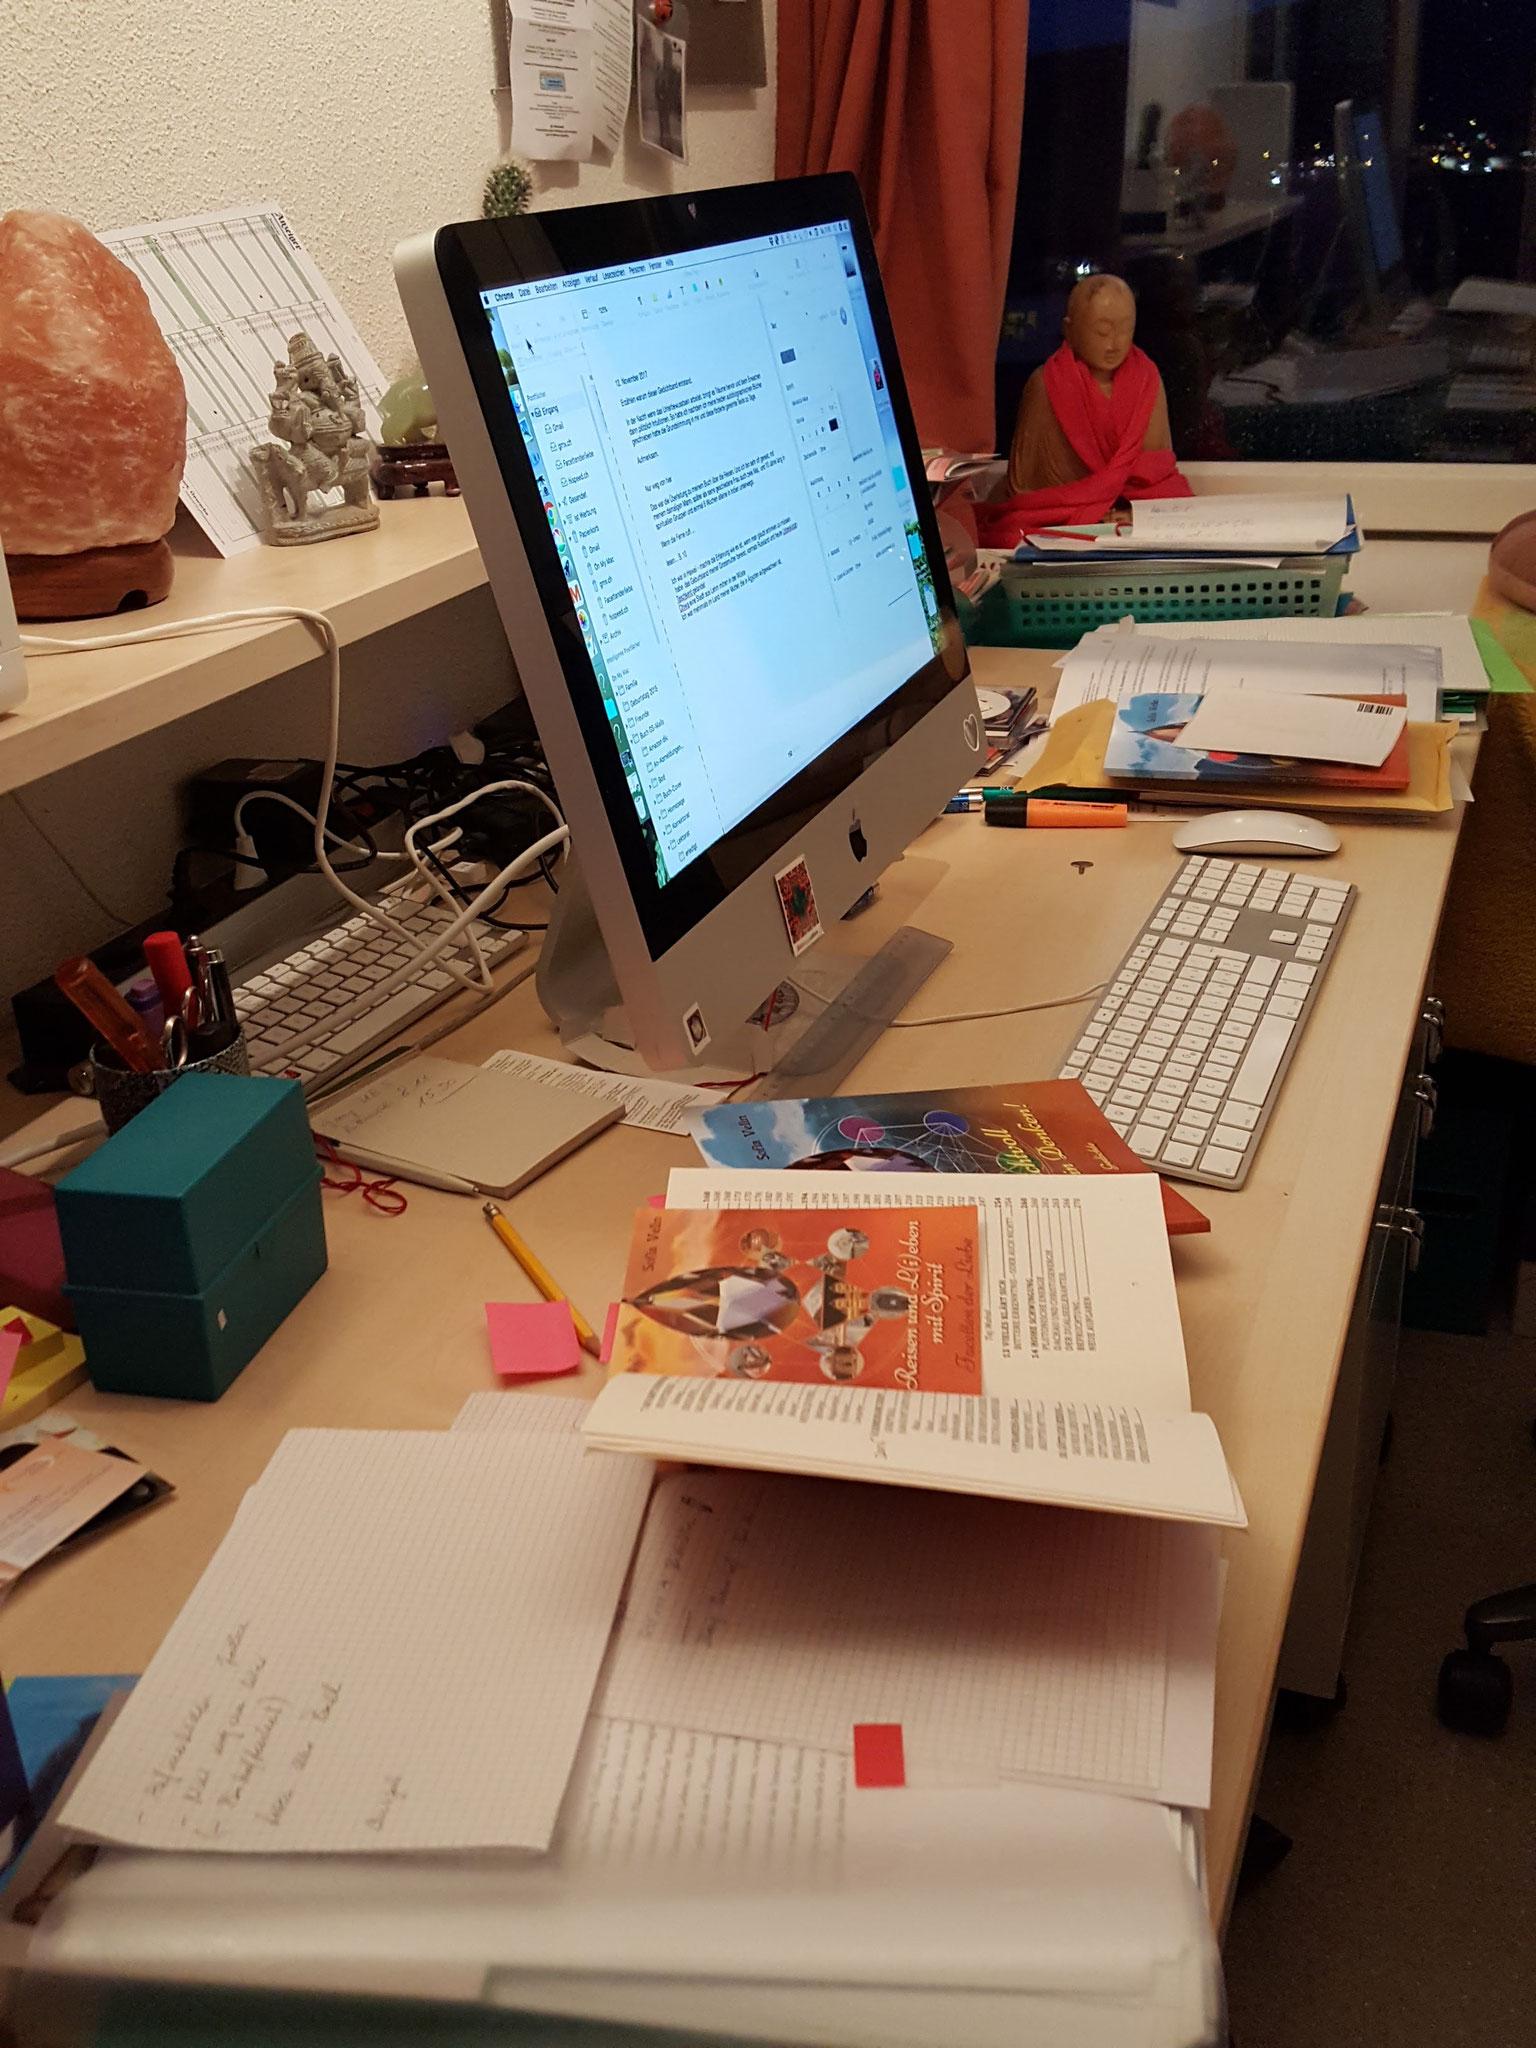 Mein Arbeitsplatz am iMac